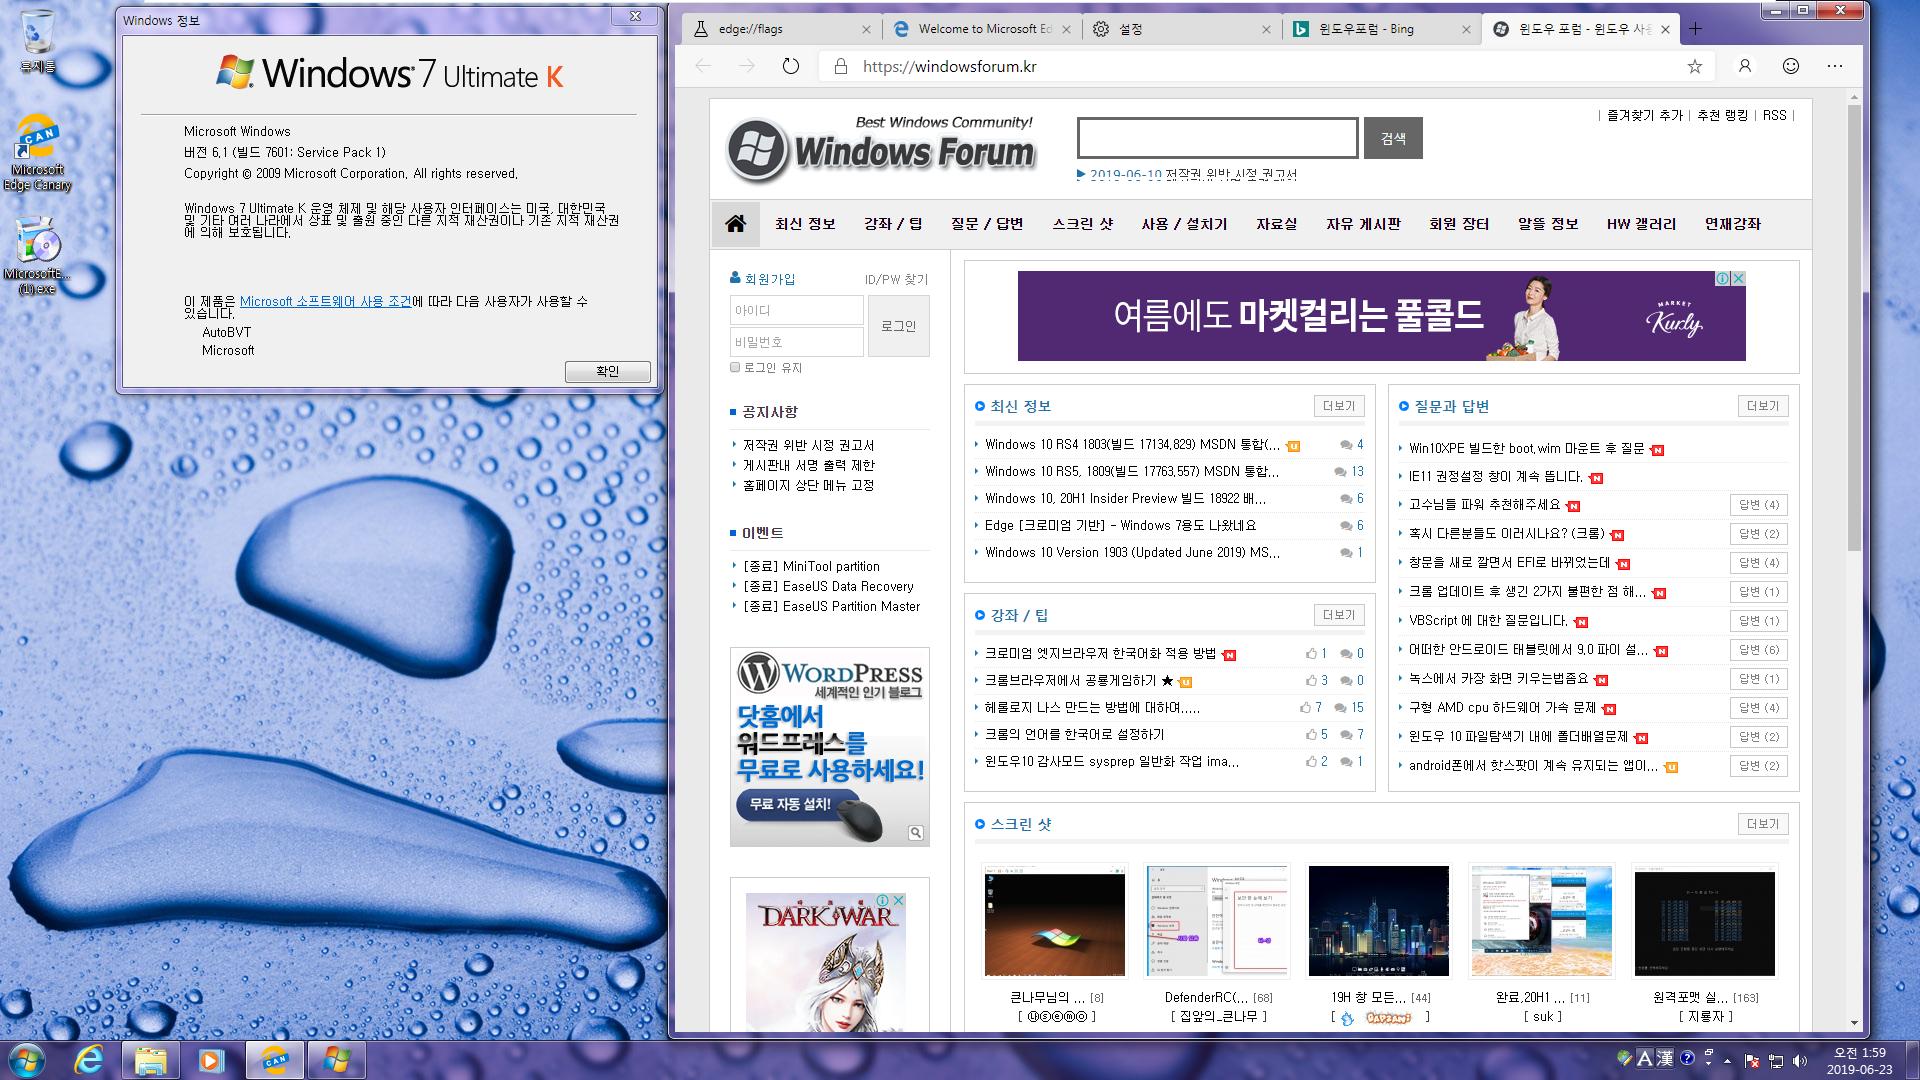 크로미엄 기반 엣지 - 윈도7 에 버전 77.0.197.0 (공식 빌드) canary(64비트) 설치해봤습니다 - 2번째 - 한국어로 설정하기 2019-06-23_015900.png